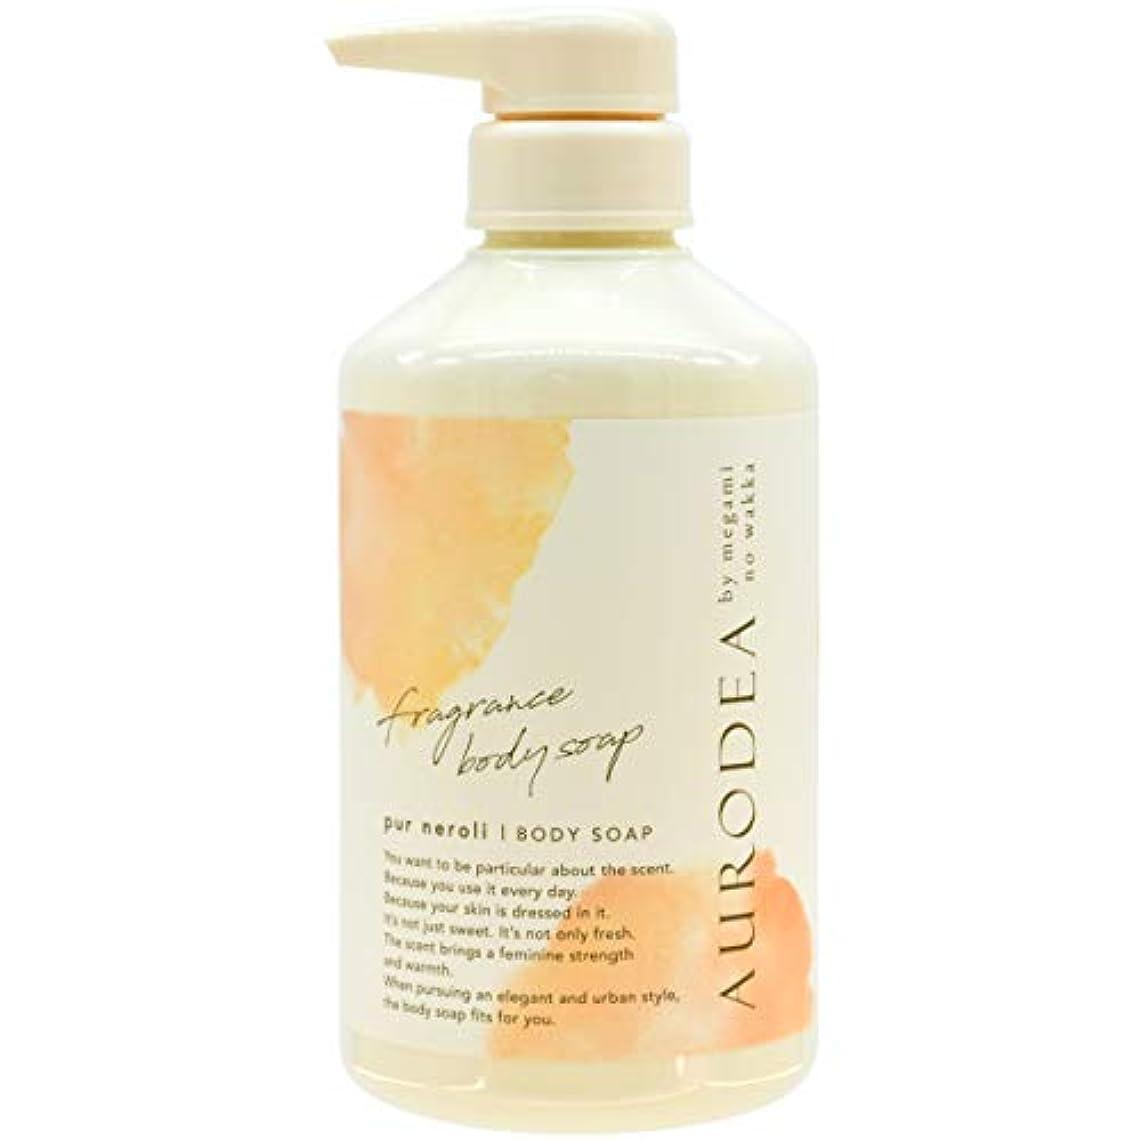 給料潜在的な健康的AURODEA (アウロディア) フレグランス ボディソープ ピュールネロリの香り [ 植物由来 敏感肌 ] 480ml せっけんベース 4種の ビタミン by megami no wakka